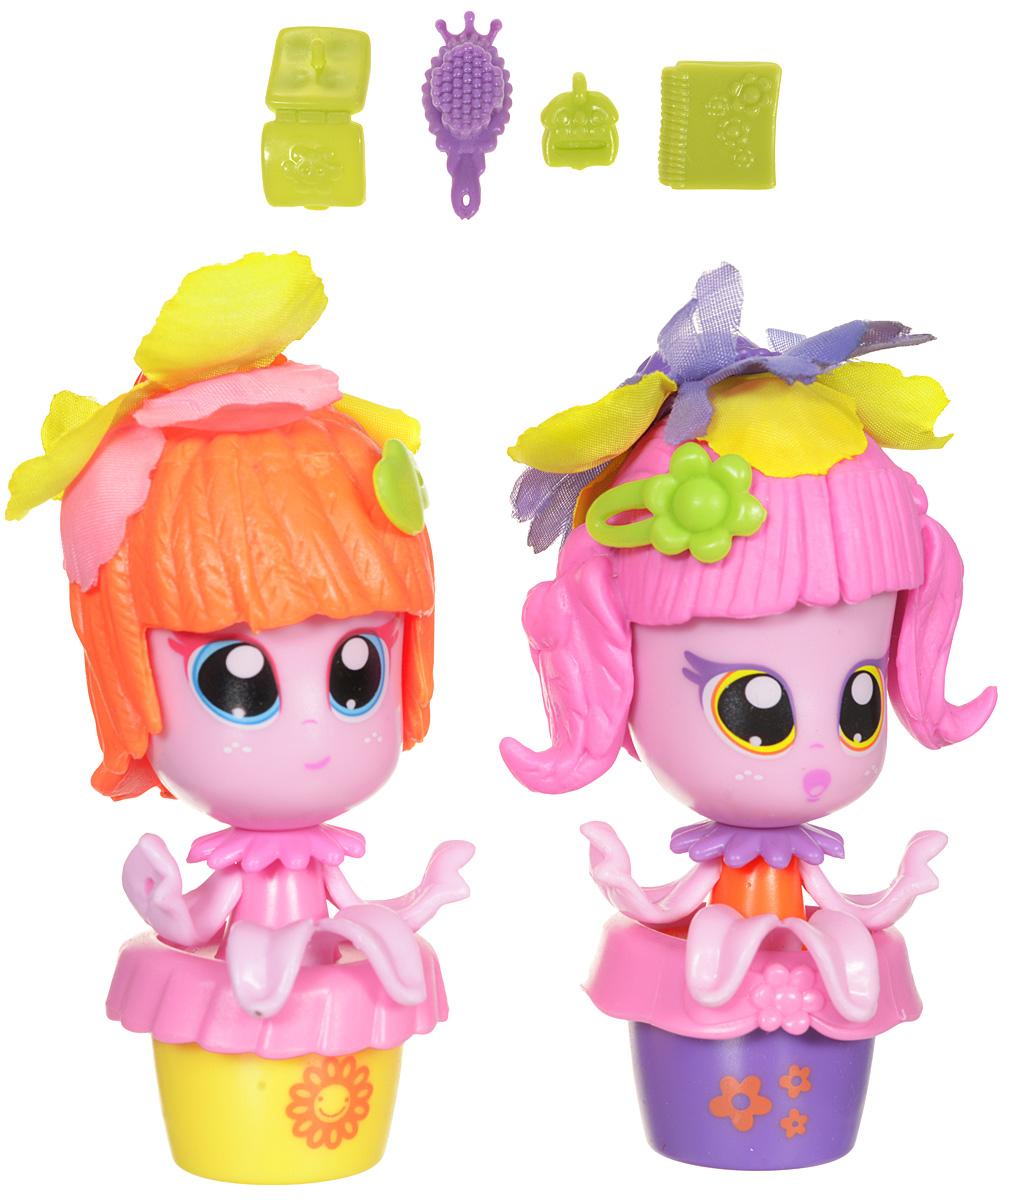 Daisy Игровой набор с мини-куклами Цветочек цвет розовый оранжевый 2 шт 29510_розовый/оранжевый